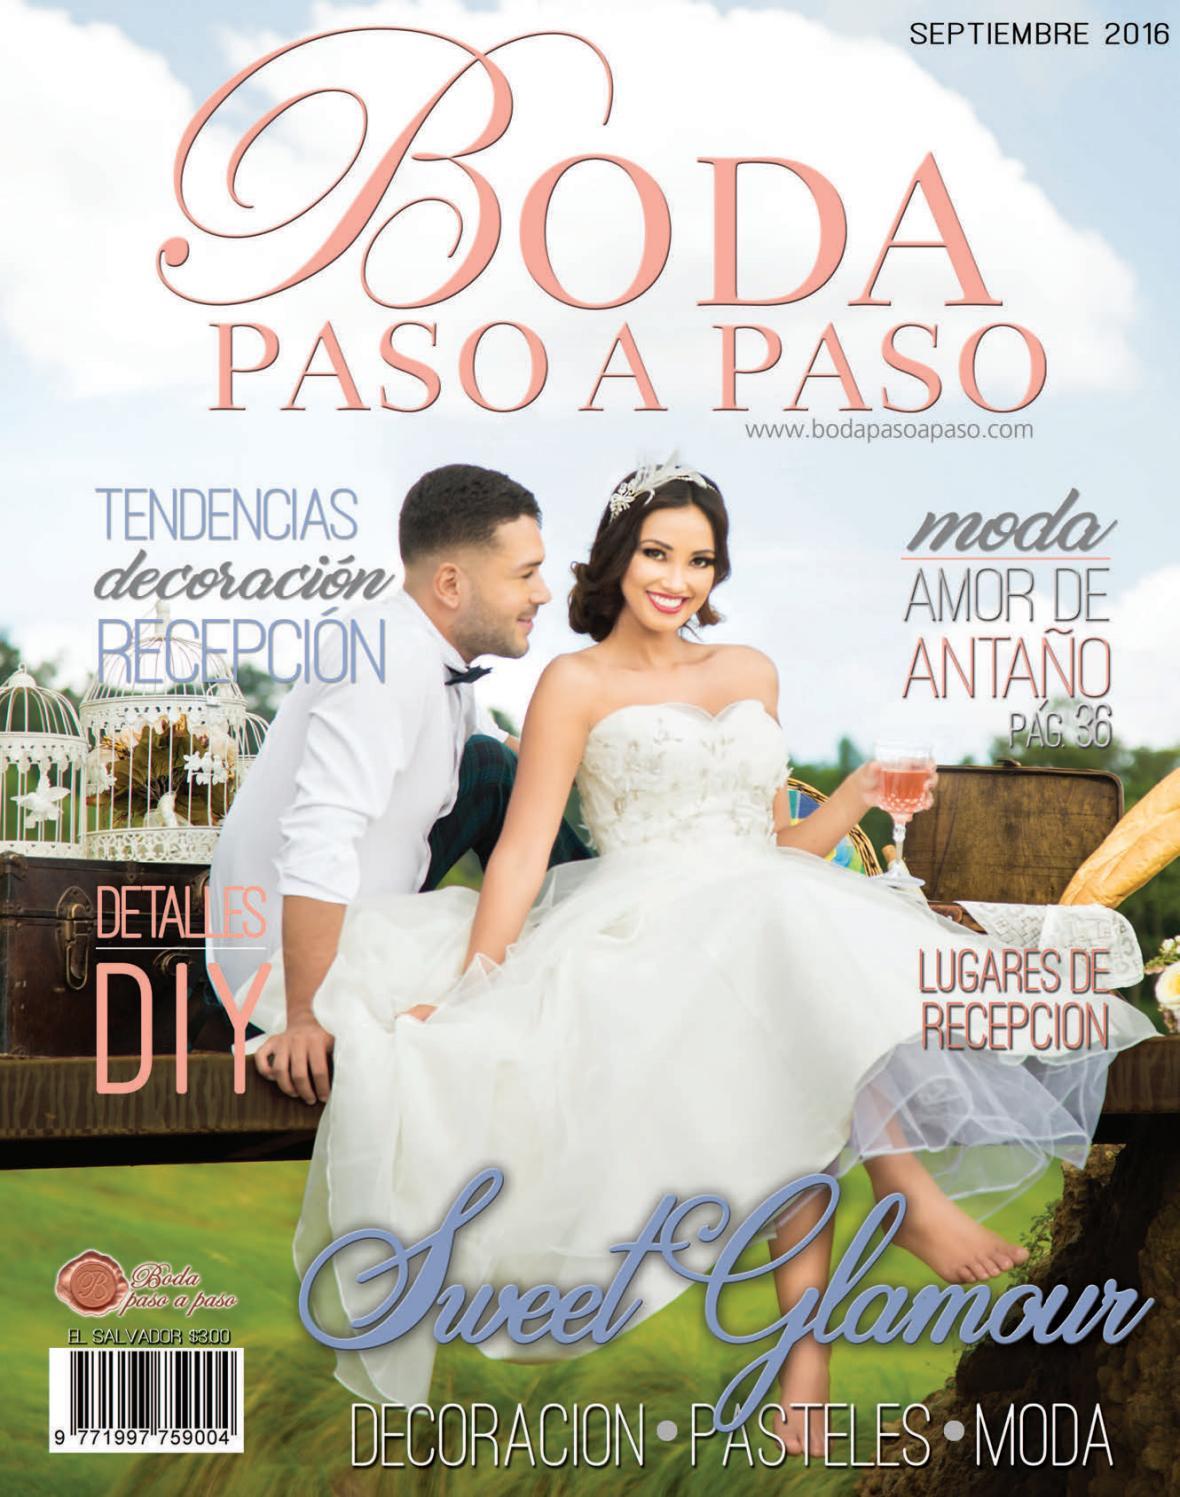 Vestidos de novia para boda civil el salvador